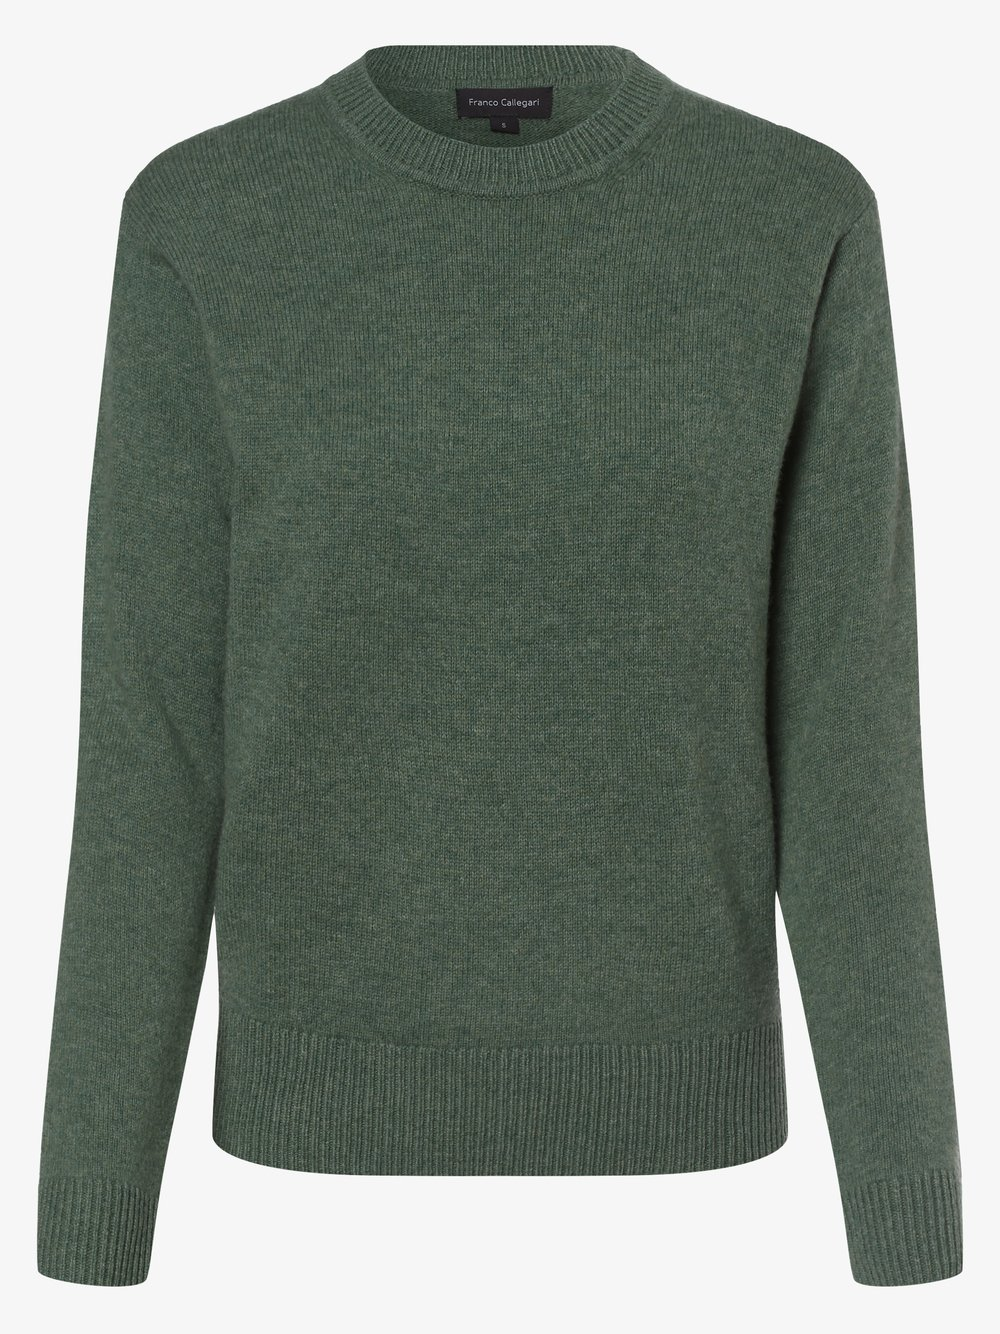 Franco Callegari - Damski sweter z wełny merino, niebieski